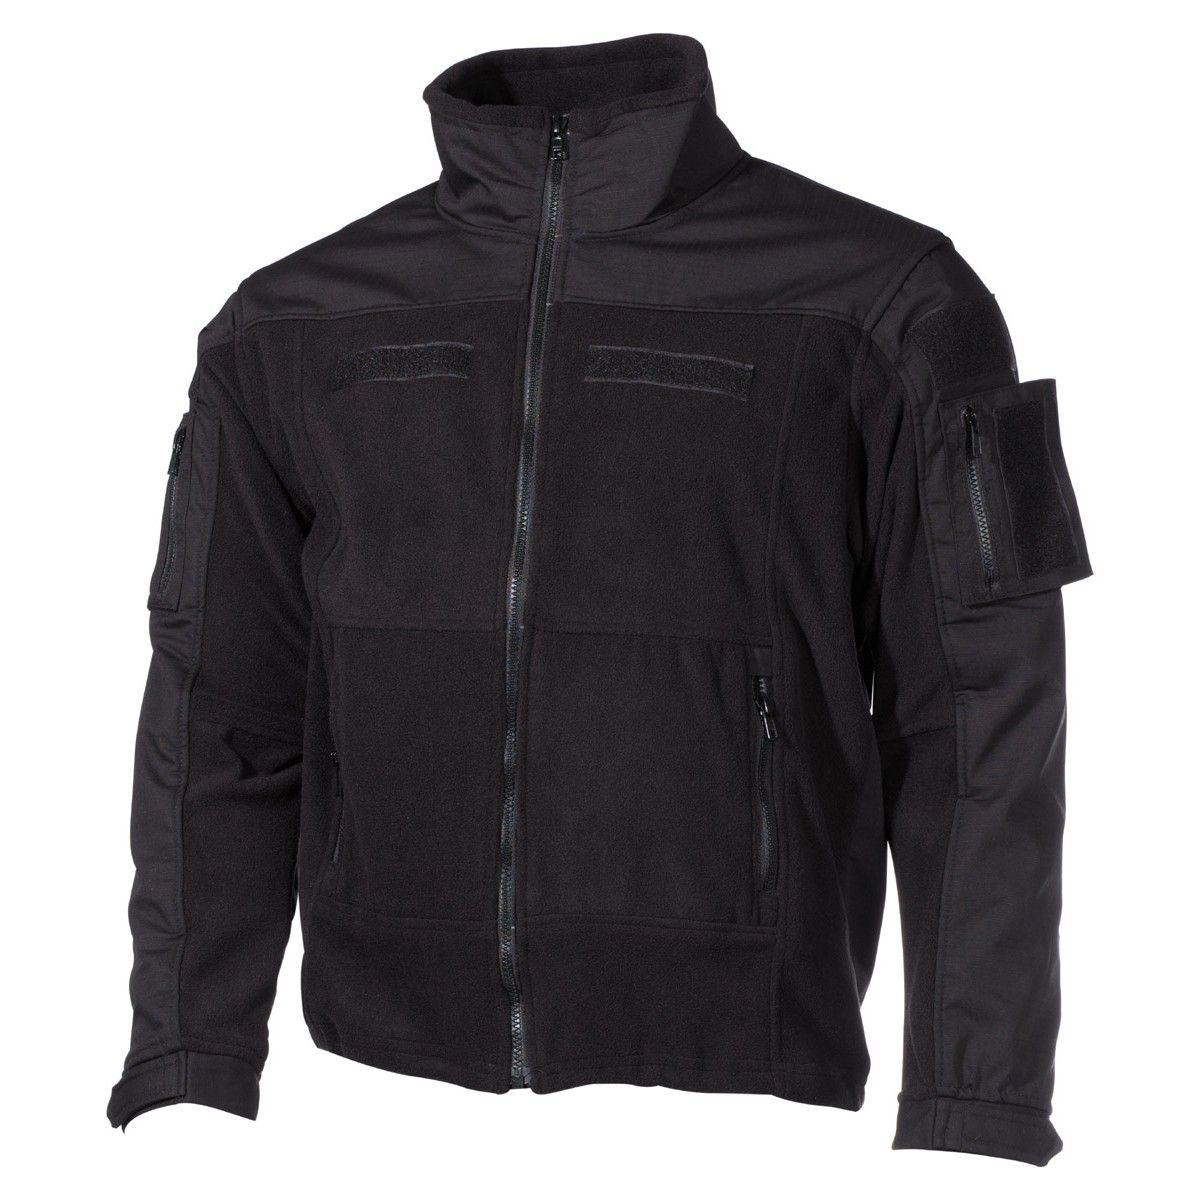 Bunda fleece Combat černá